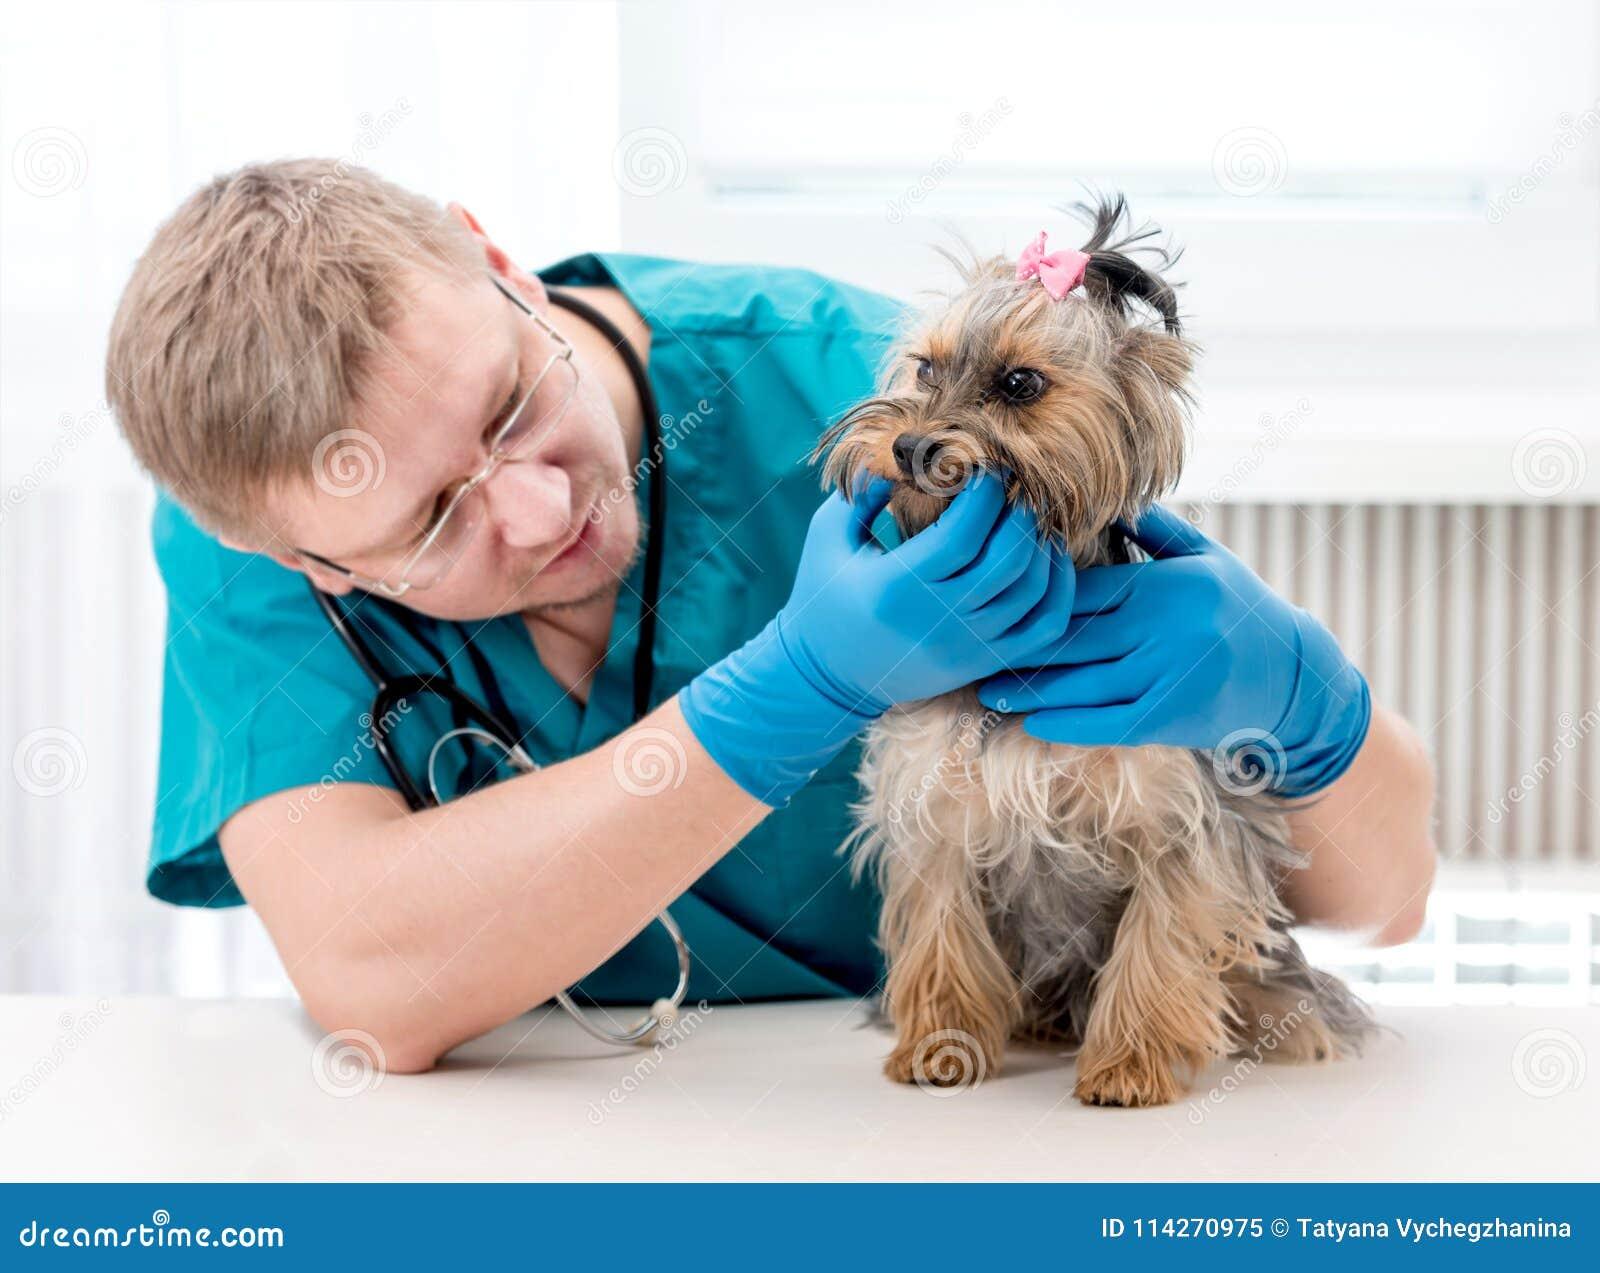 Veterinarian checking dog`s teeth at clinic